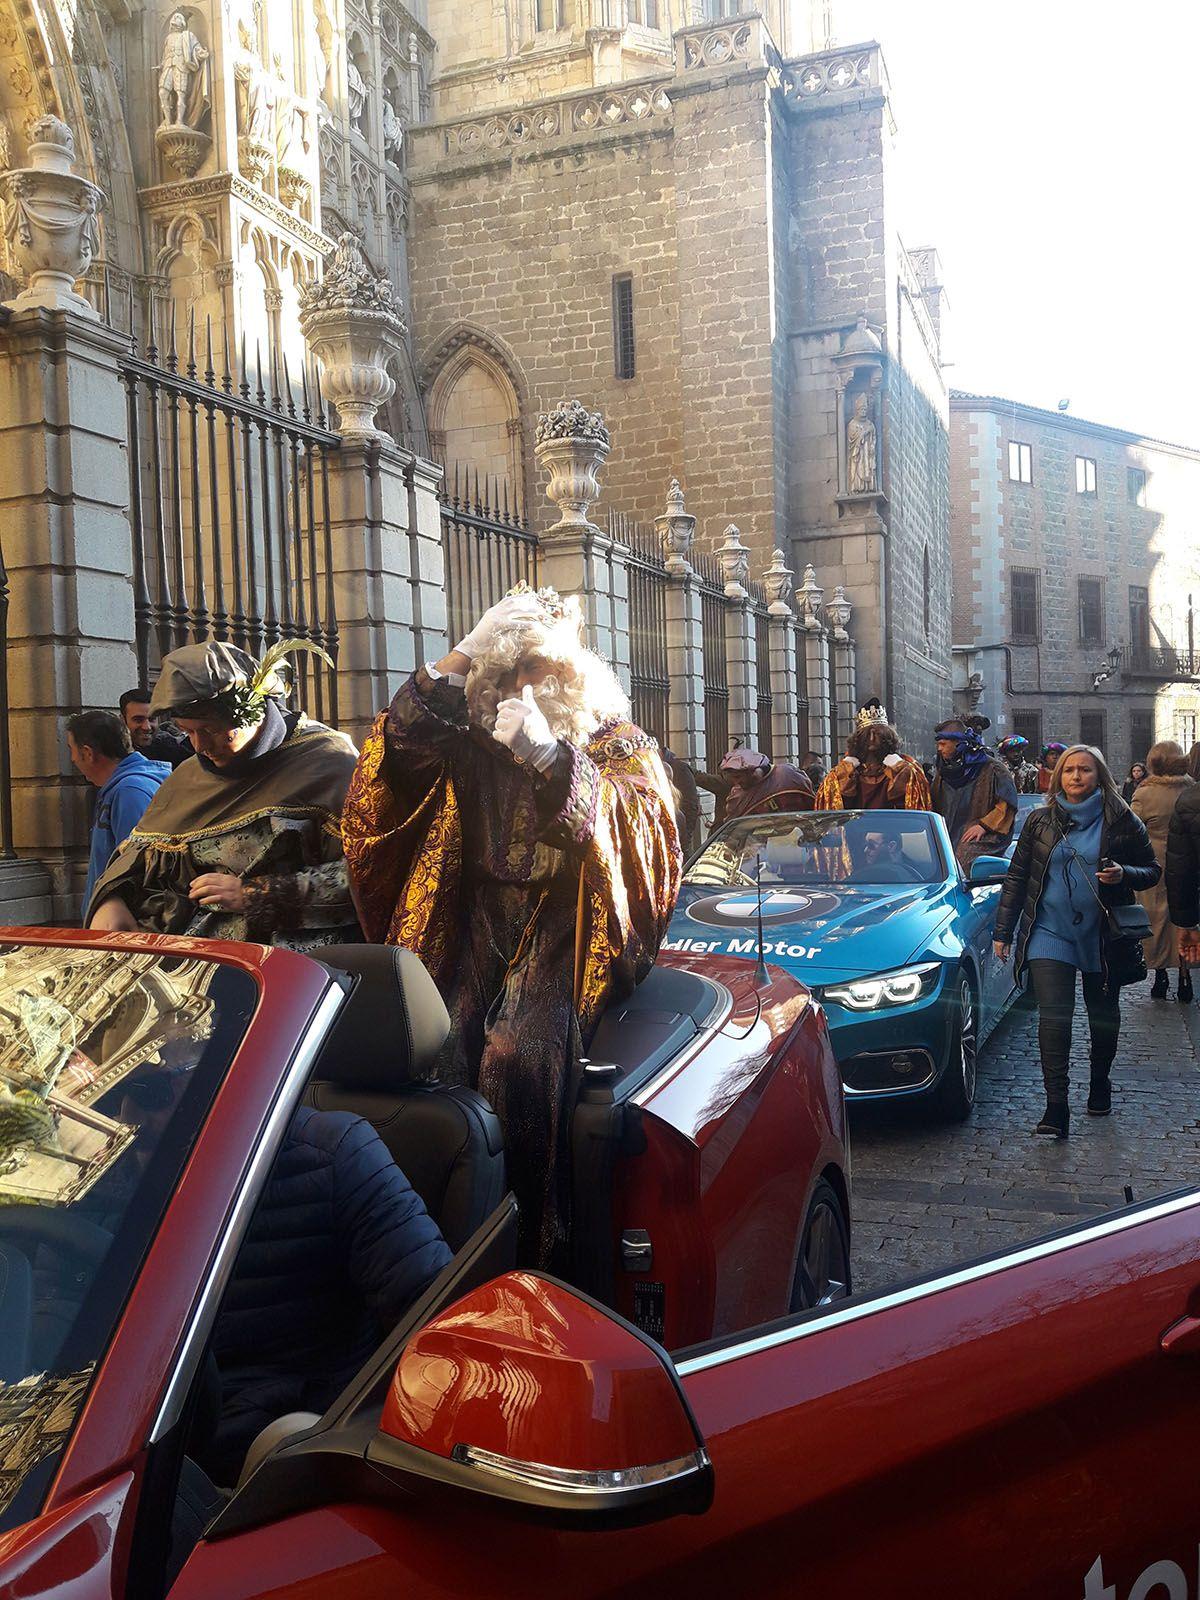 los reyes magos toledo en 3 bmw cabrio adler motor ofertas coche ofertas bmw